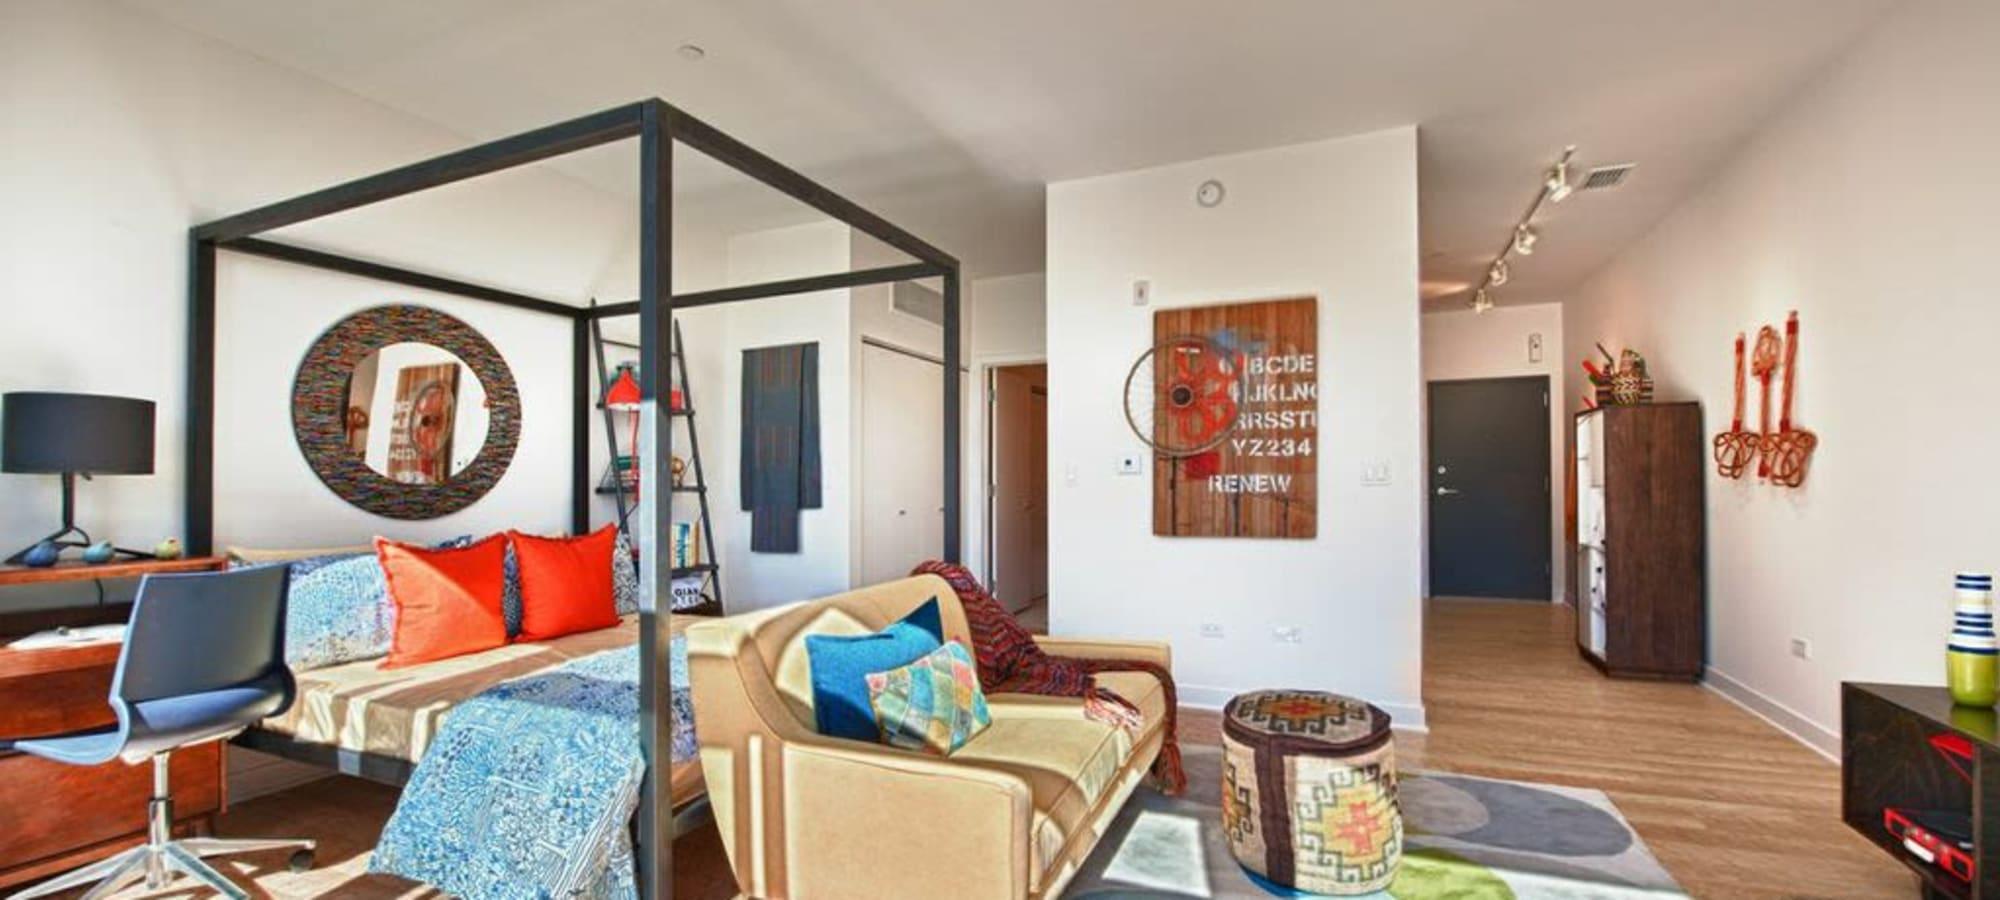 Domus offers a luxury bedroom in Phoenix, Arizona